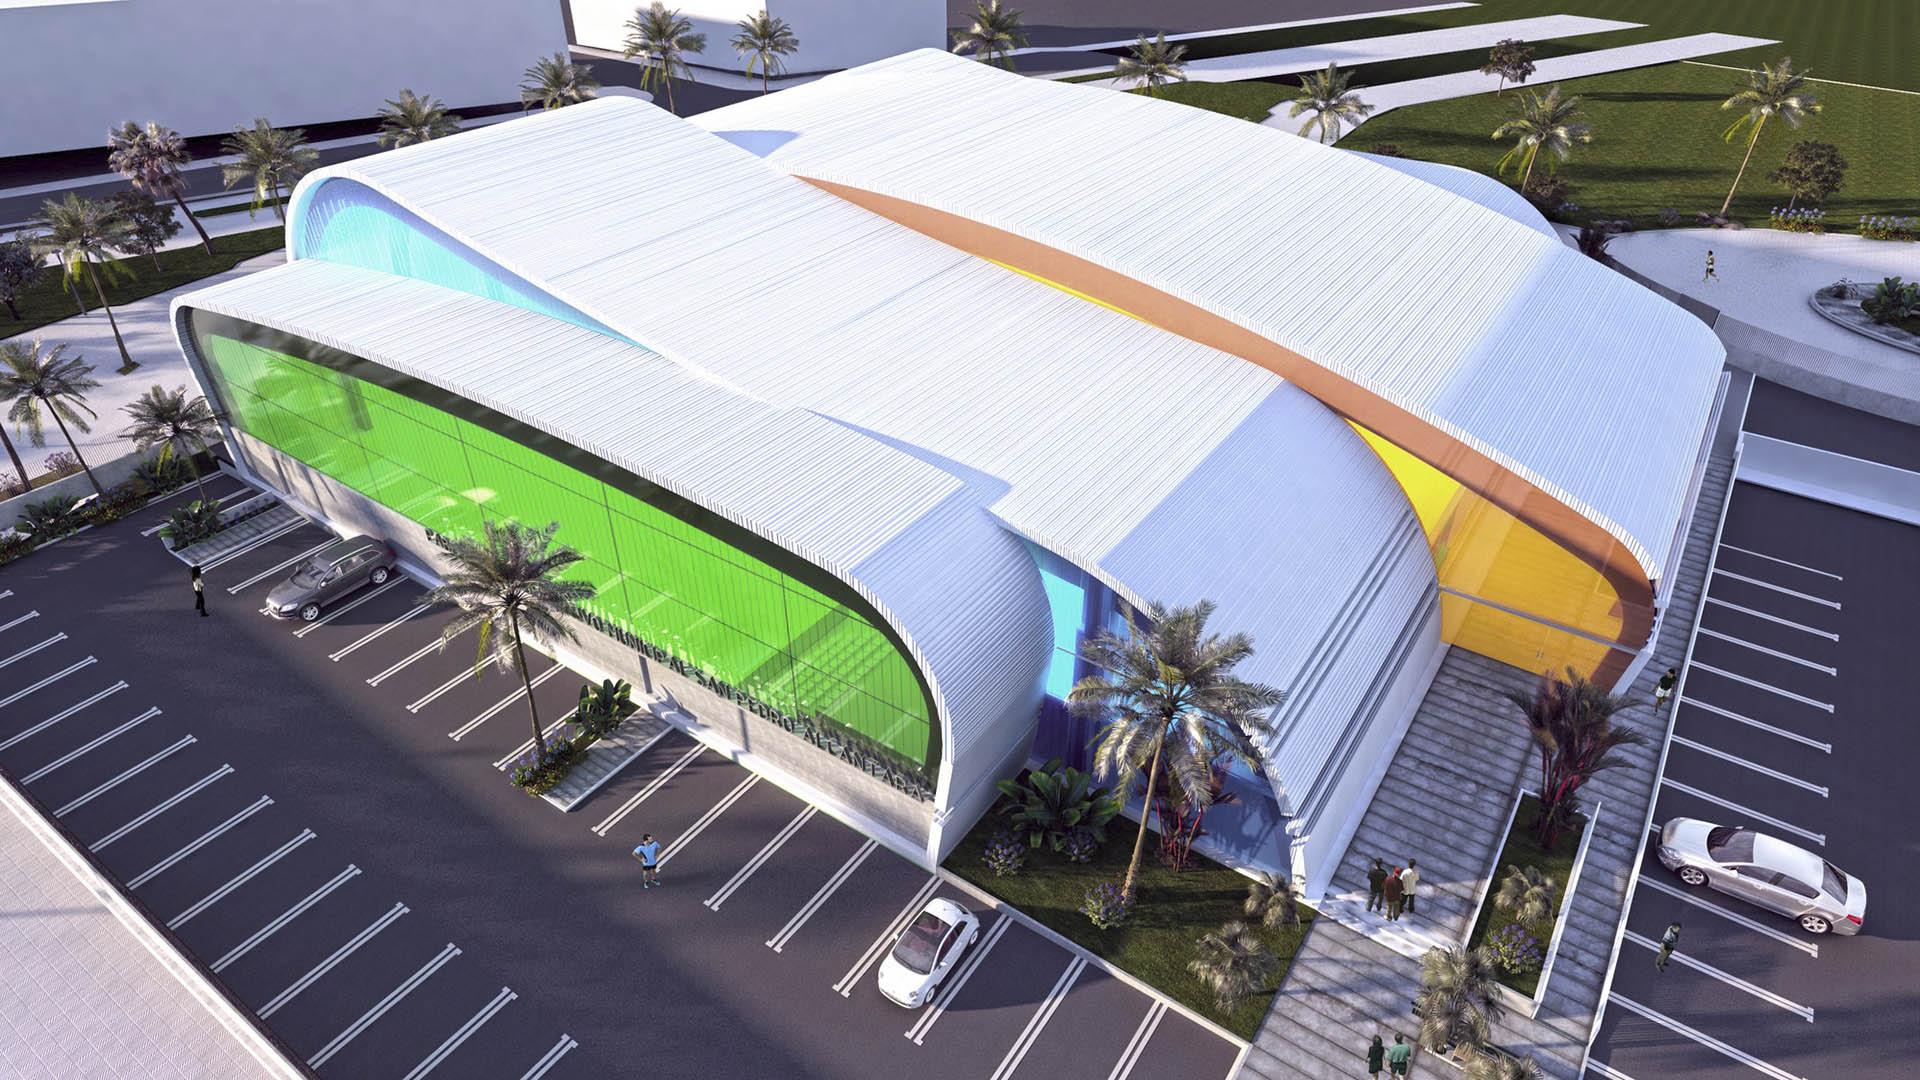 Sale a concurso por casi 5,7 millones de euros la obra del nuevo pabellón polideportivo de San Pedro Alcántara